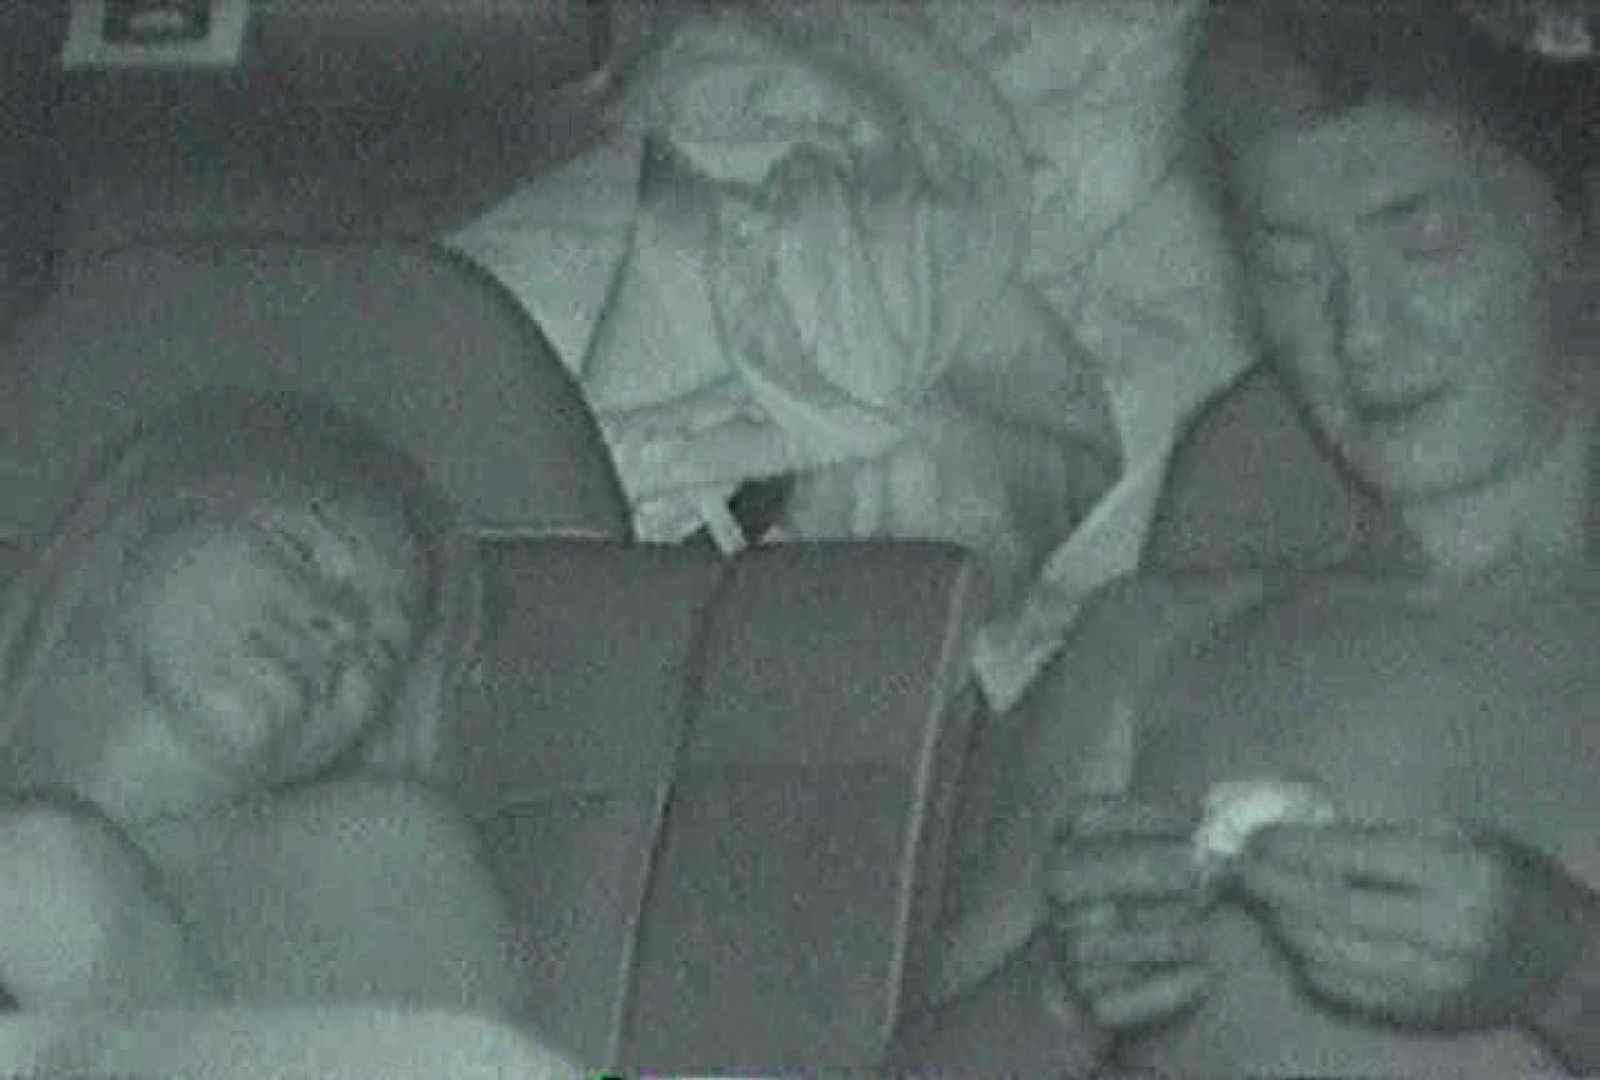 充血監督の深夜の運動会Vol.61 エロティックなOL オマンコ動画キャプチャ 102画像 42